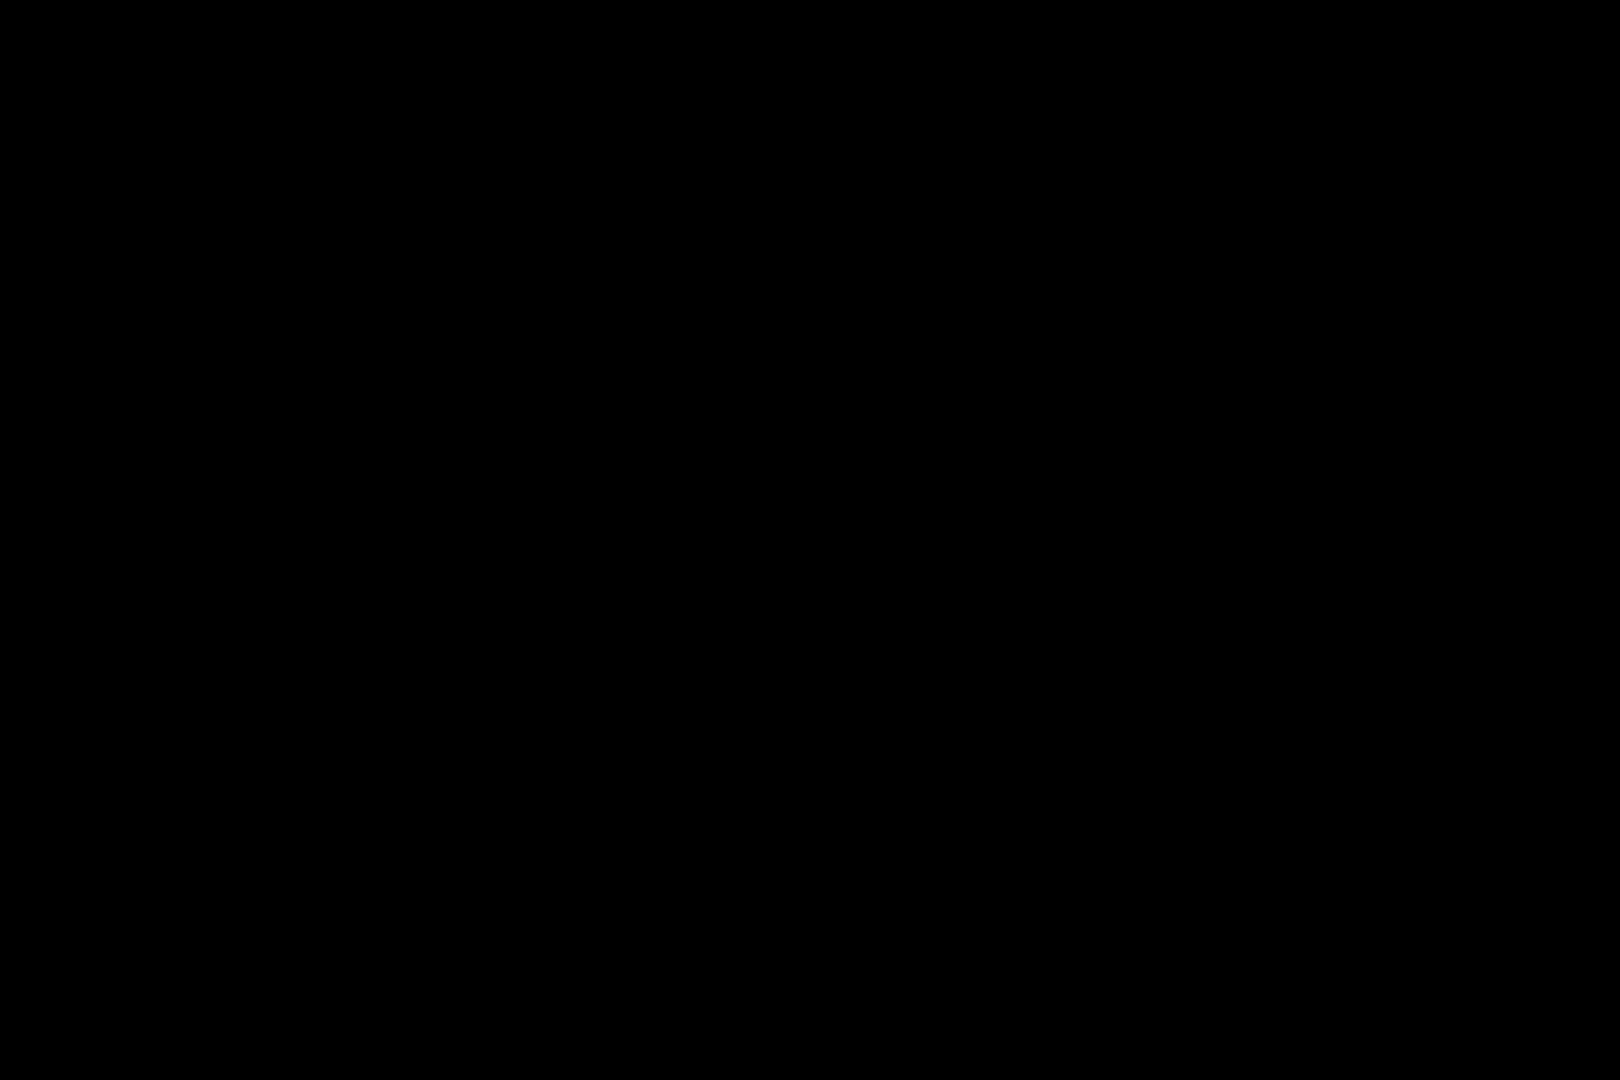 充血監督の深夜の運動会Vol.140 カップル | OL女体  100連発 67